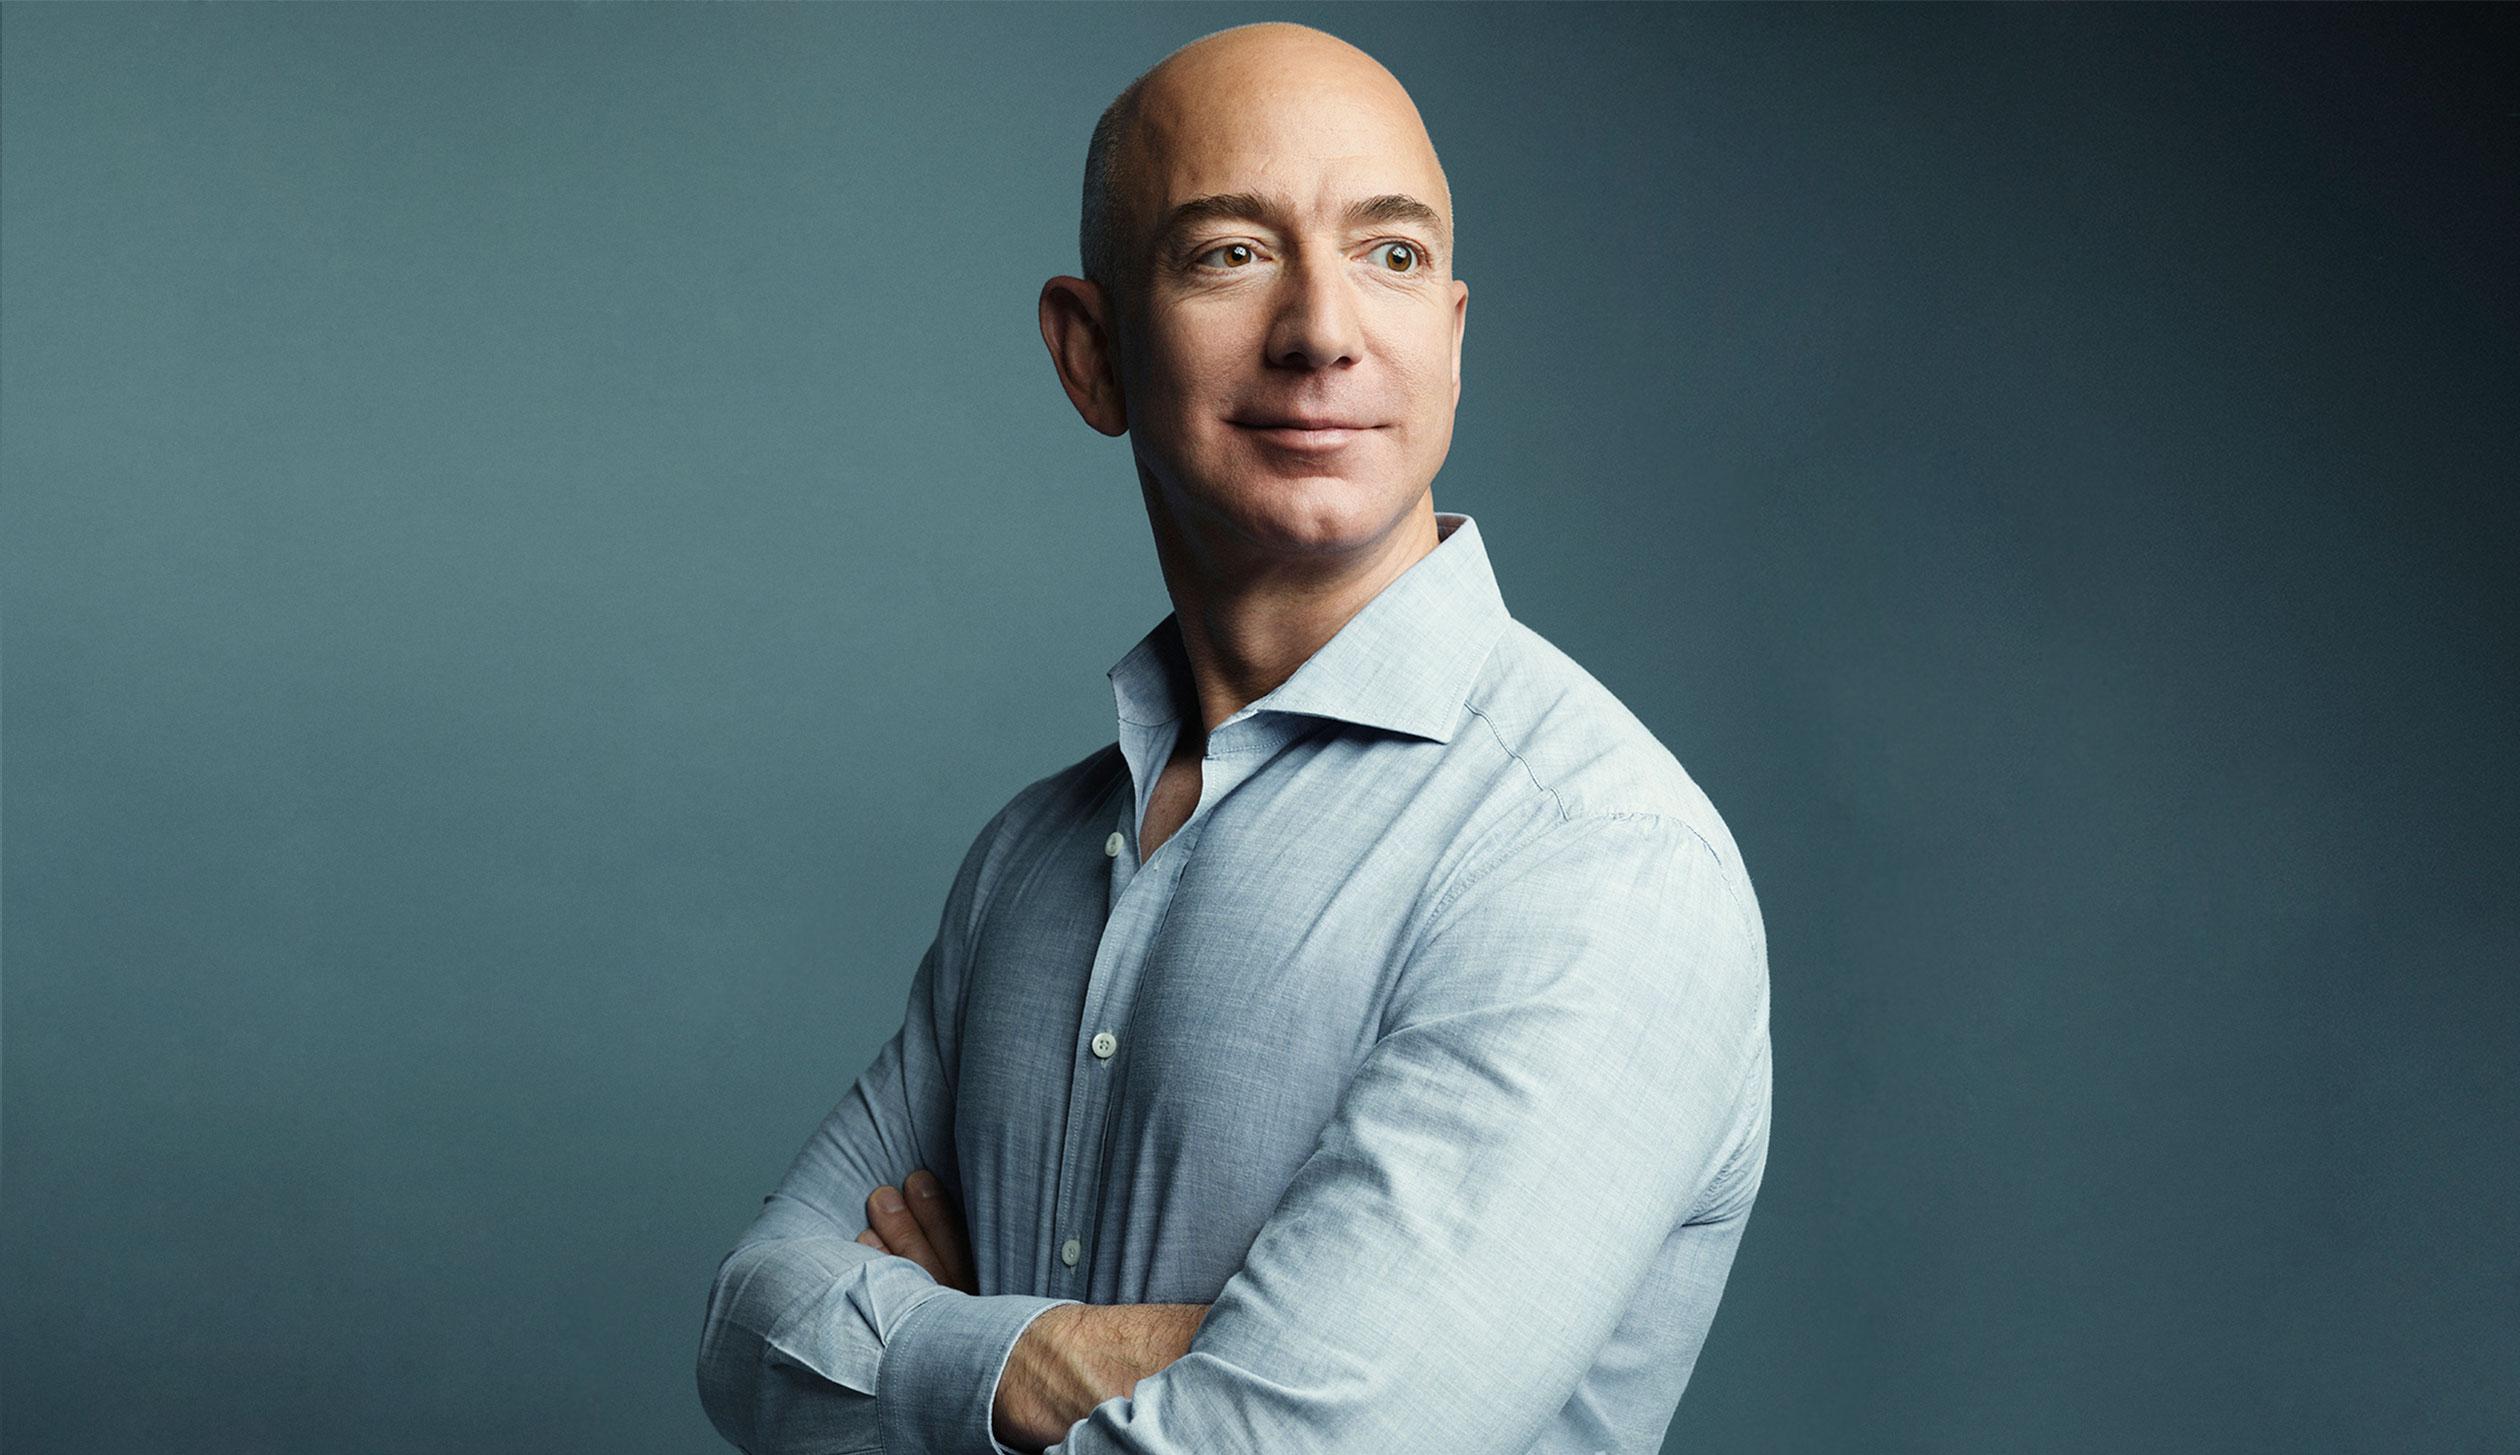 Кто занимает первую строчку в рейтинге богатейших людей мира